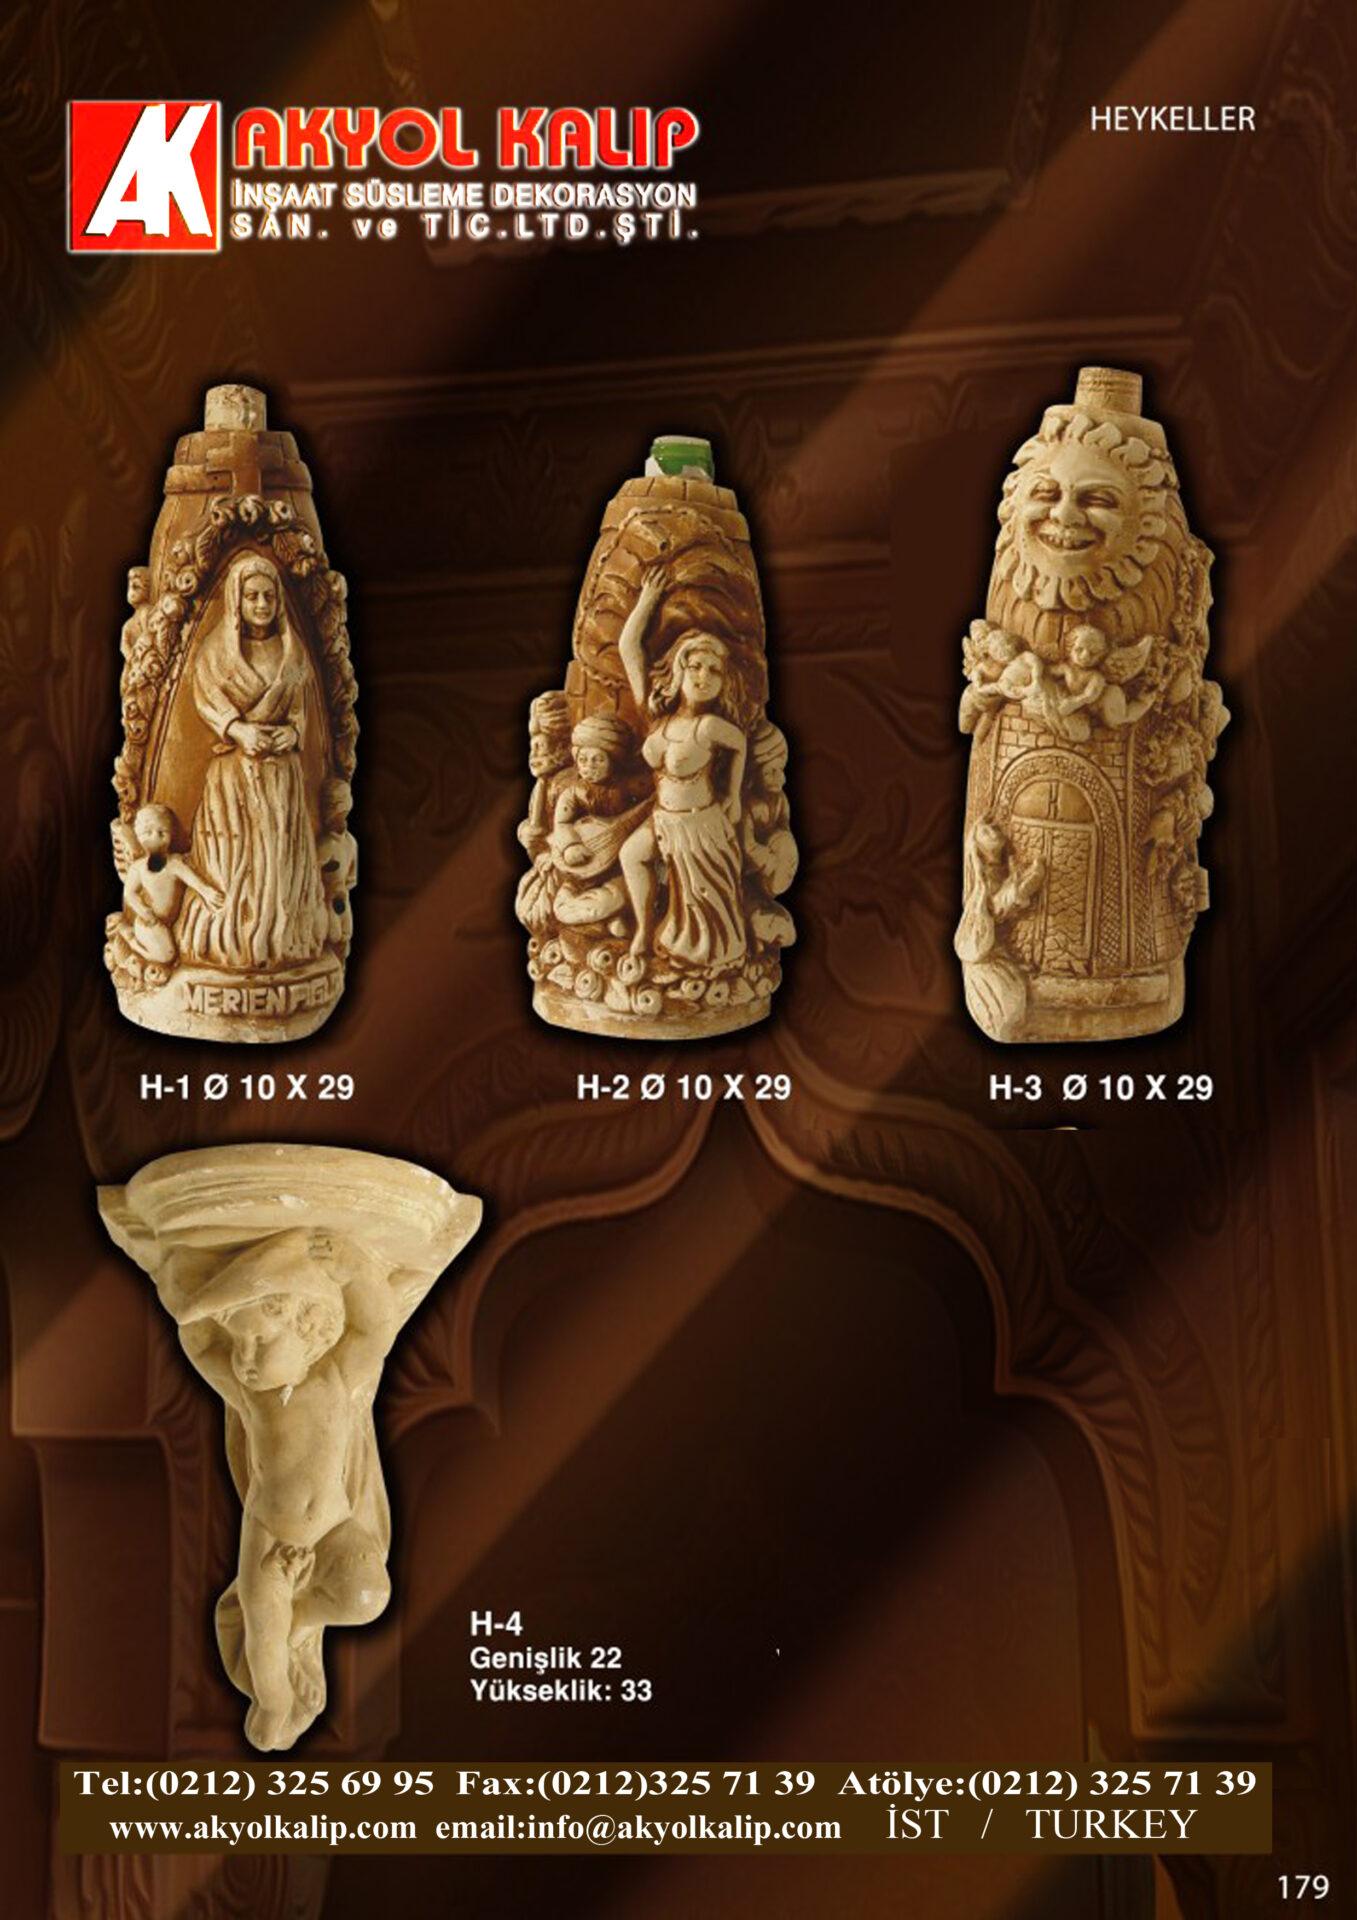 polyester heykel kalıları, polyester heykel kalıp, heykel modelleri, biblo heykel modelleri, biblo, heykel, heykel kartonpiyer kaliplari, silikon kaliplari, dışcephe prekast kalıpları, prekast, prekast kalıpçısı, prekast ustası, prekast uygulama ustaları, rtv2 kalıplama, çatı deresi kaplama